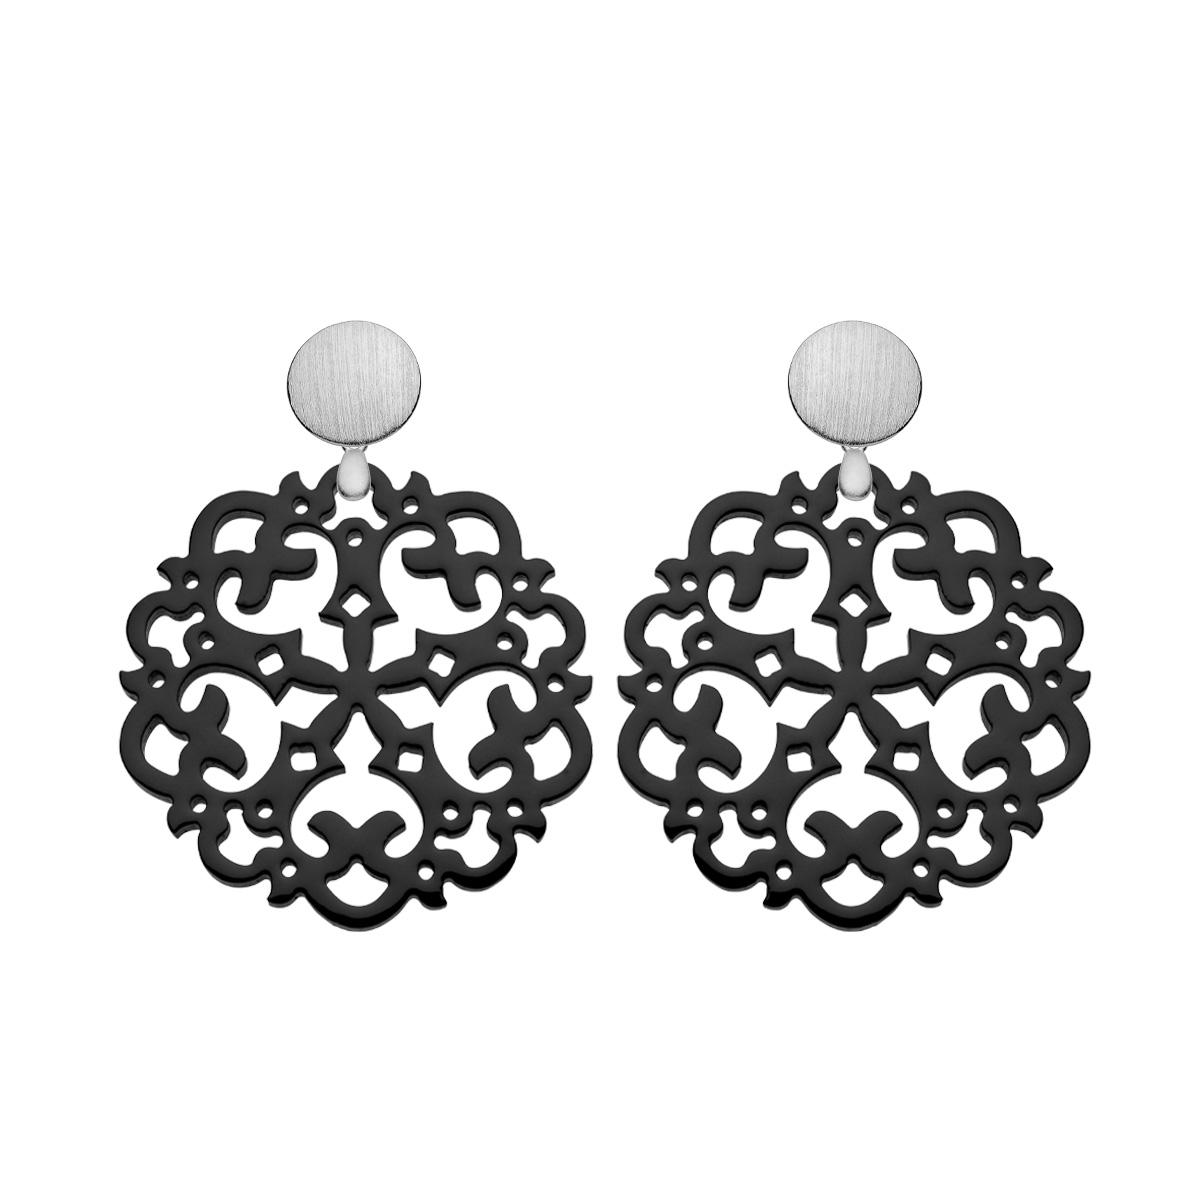 Schwarze Ohrringe mit Ornamenten aus Horn mit matten Silbersteckern aus der Grenada Kollektion von Romy North